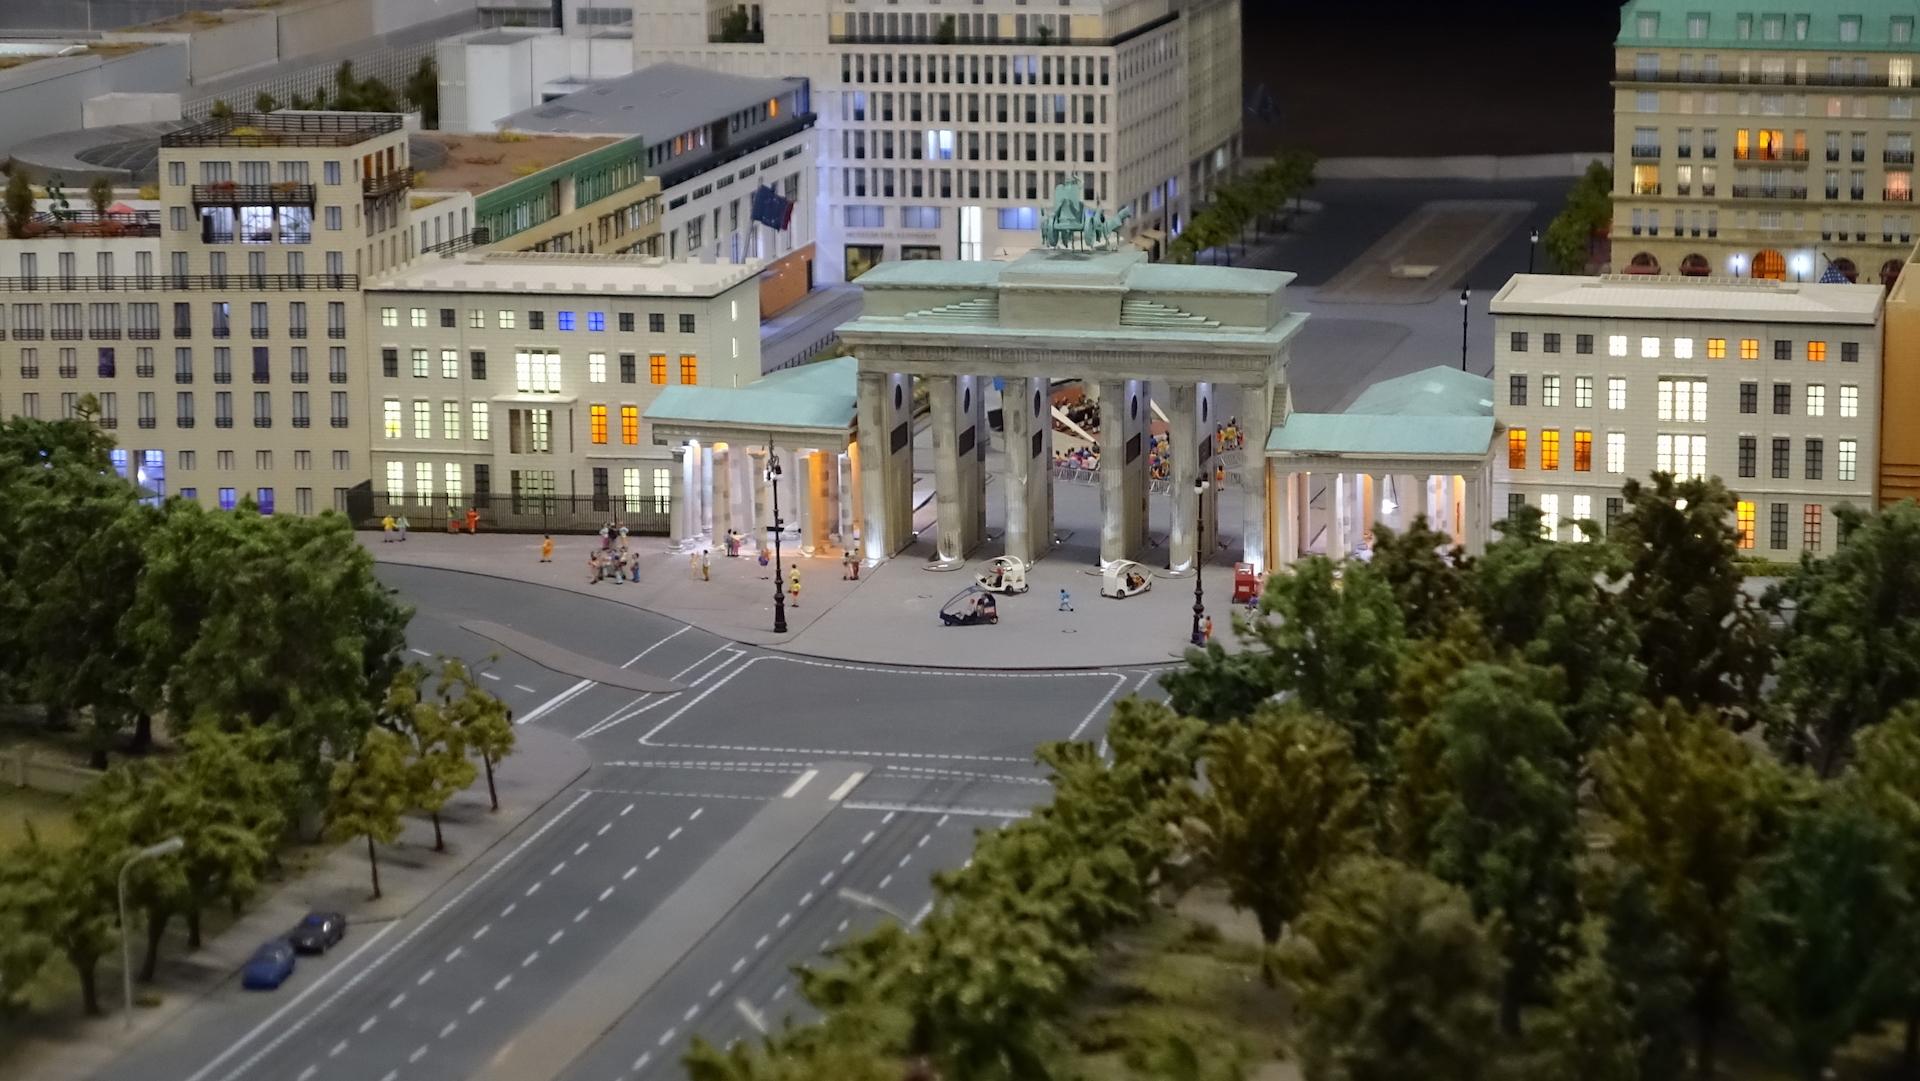 17_04_30_Miniaturwelten-Loox-Berlin_060